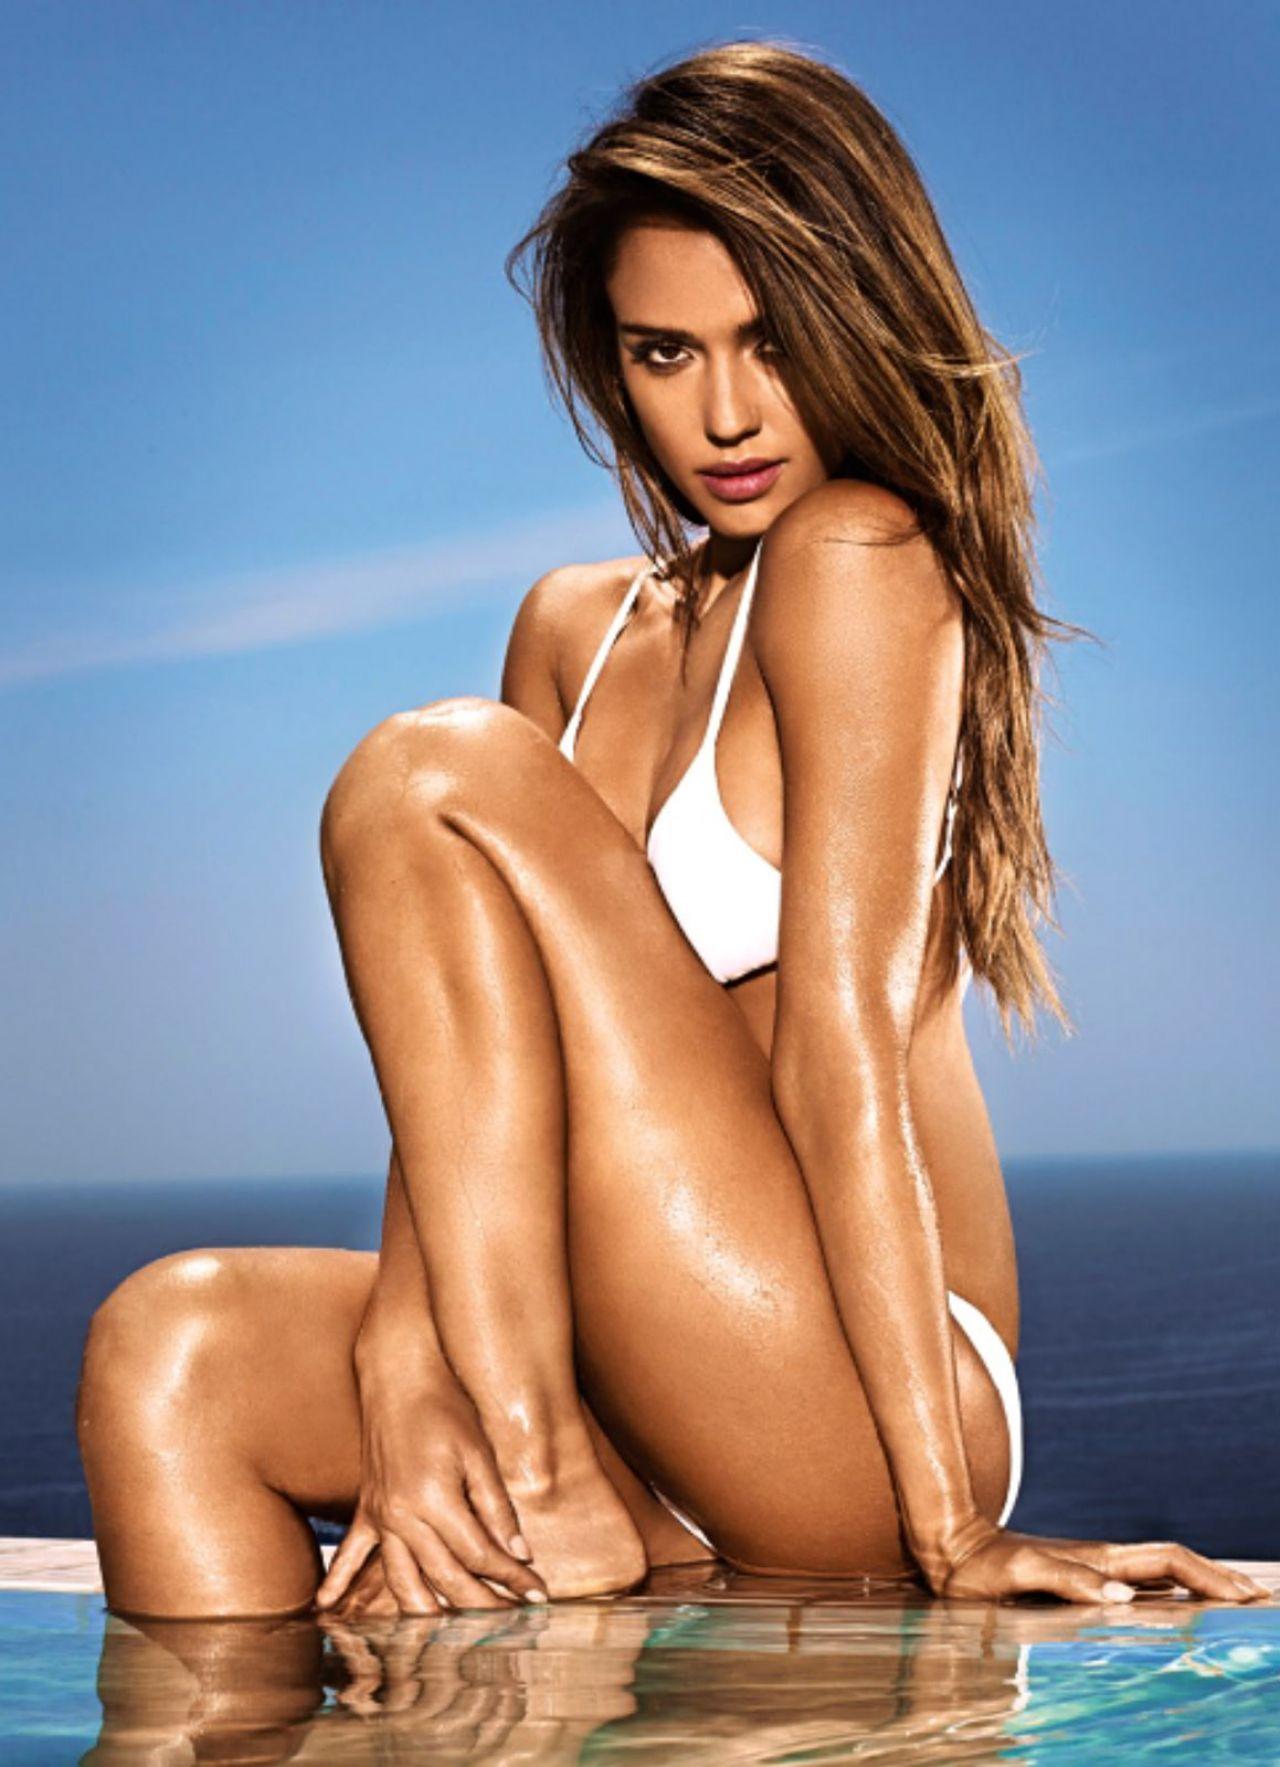 Jessica alba bikini shots